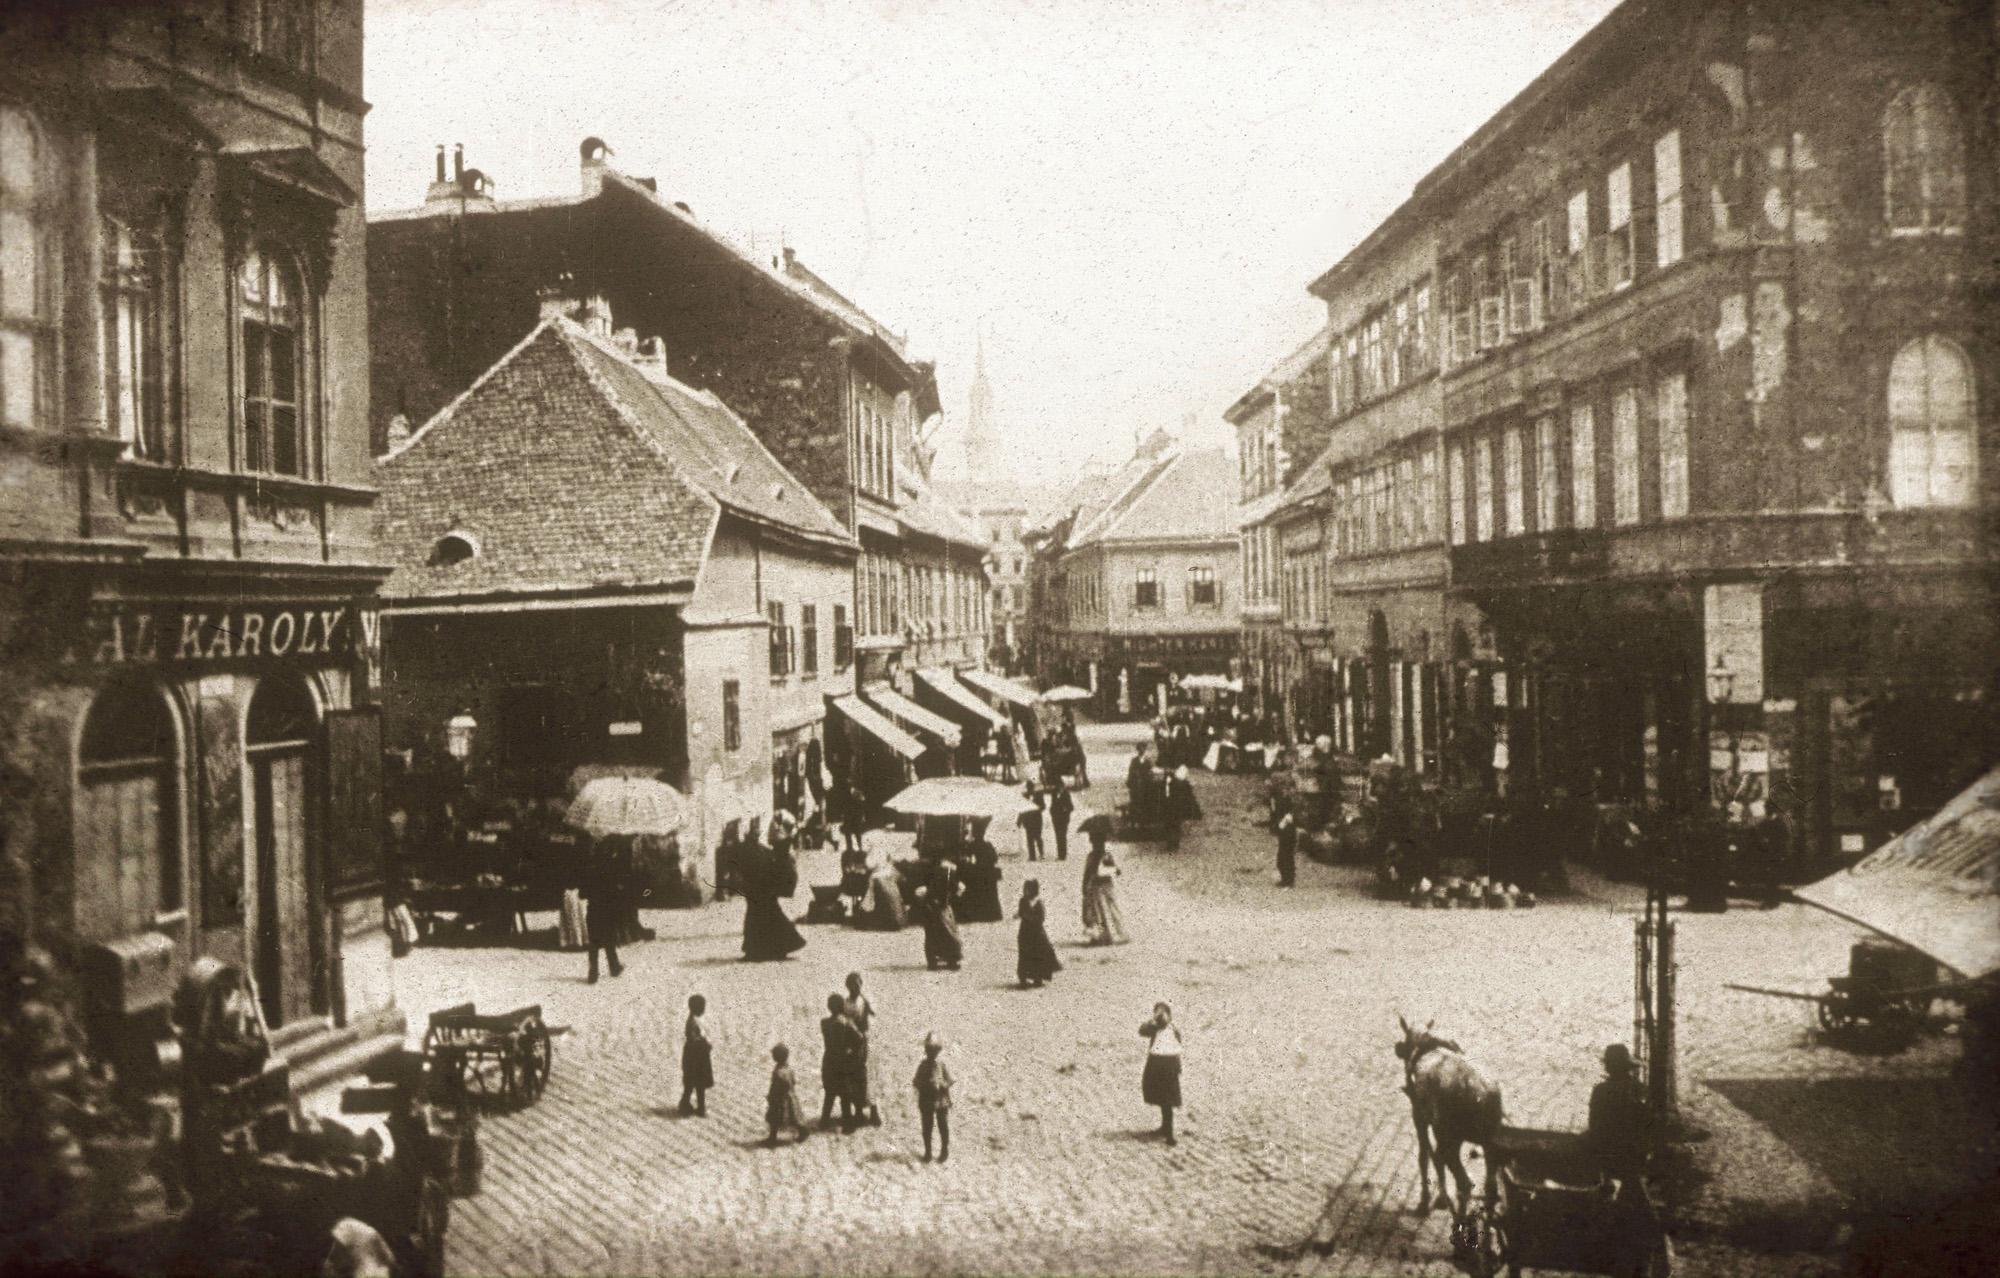 Fotó: Klösz György: Duna u., 1894 (Kisképző Digitális Fotótár)